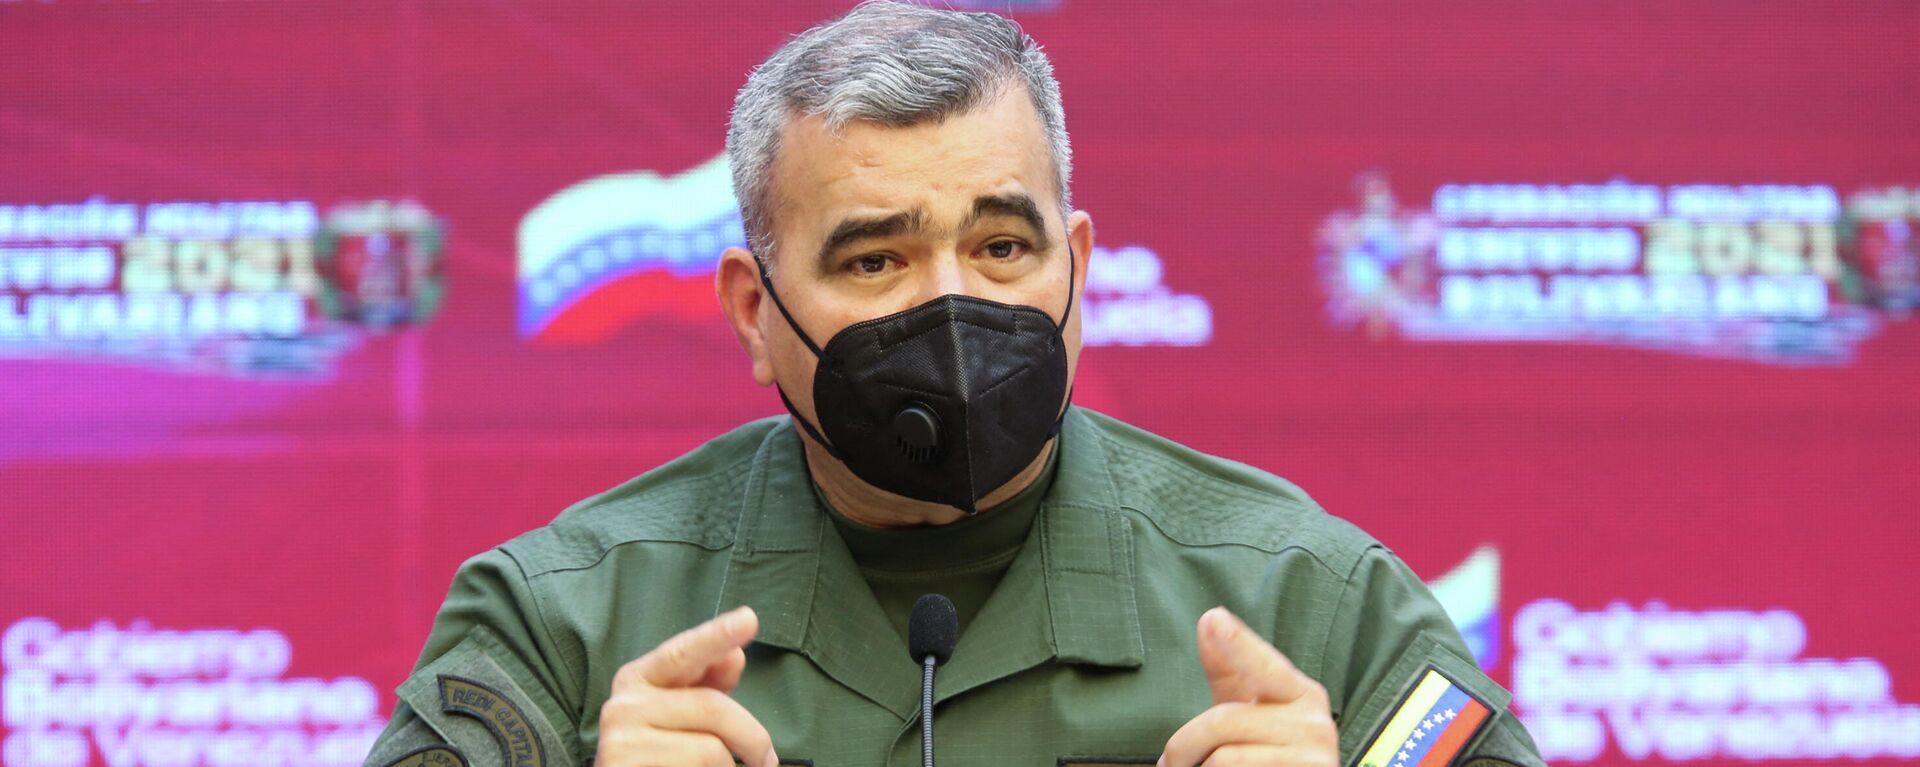 Vladimir Padrino López, ministro de Defensa de Venezuela - Sputnik Mundo, 1920, 27.09.2021